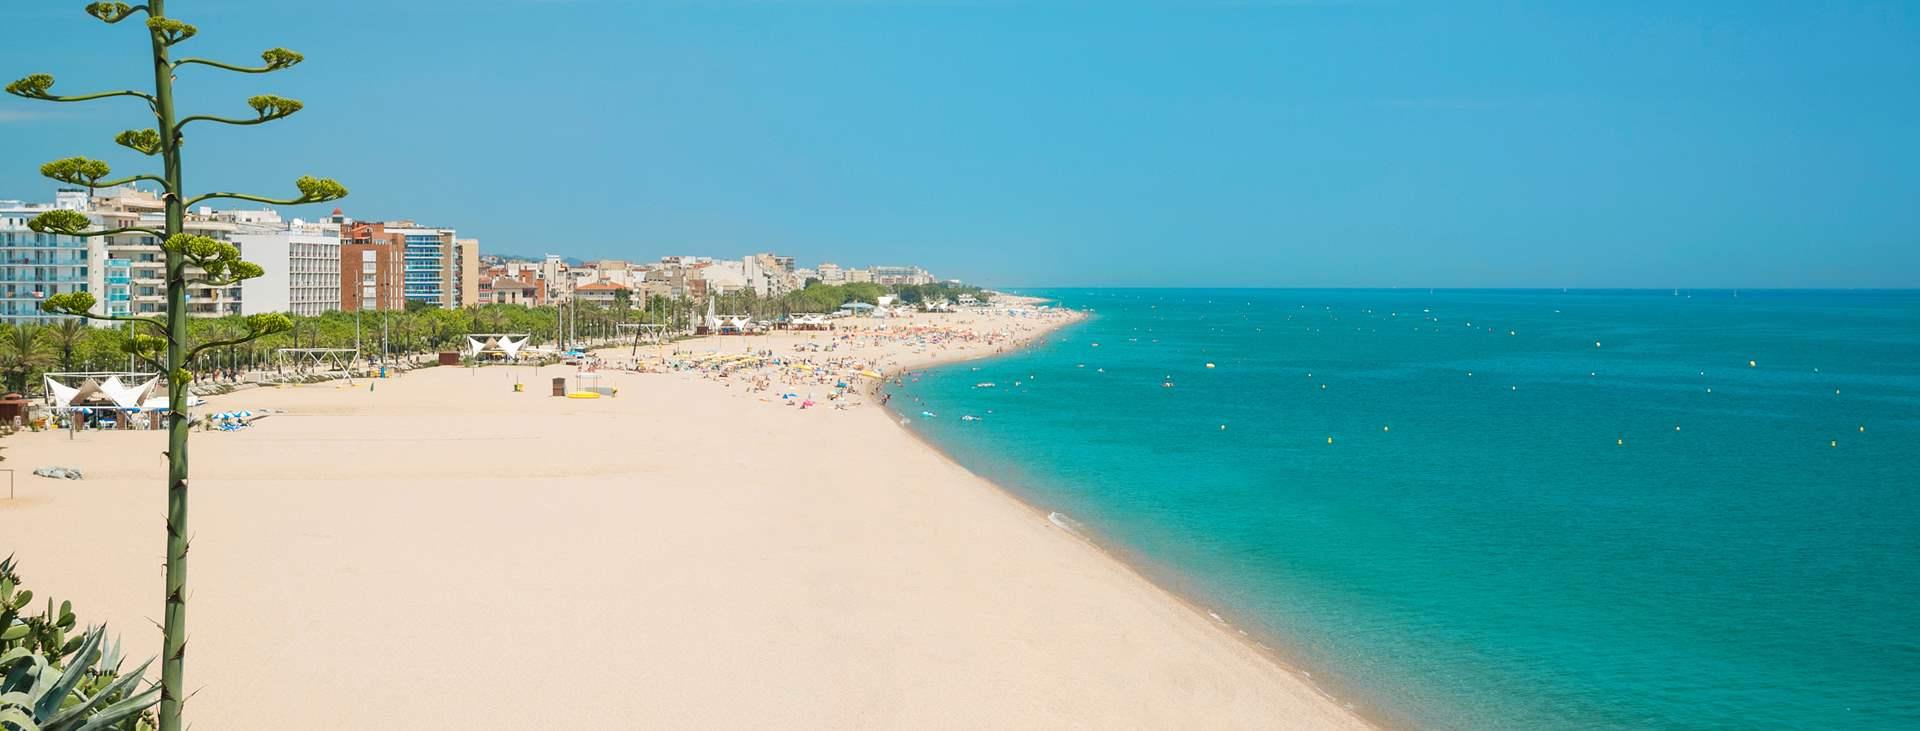 Reiser til Calella på Costa Brava i Spania